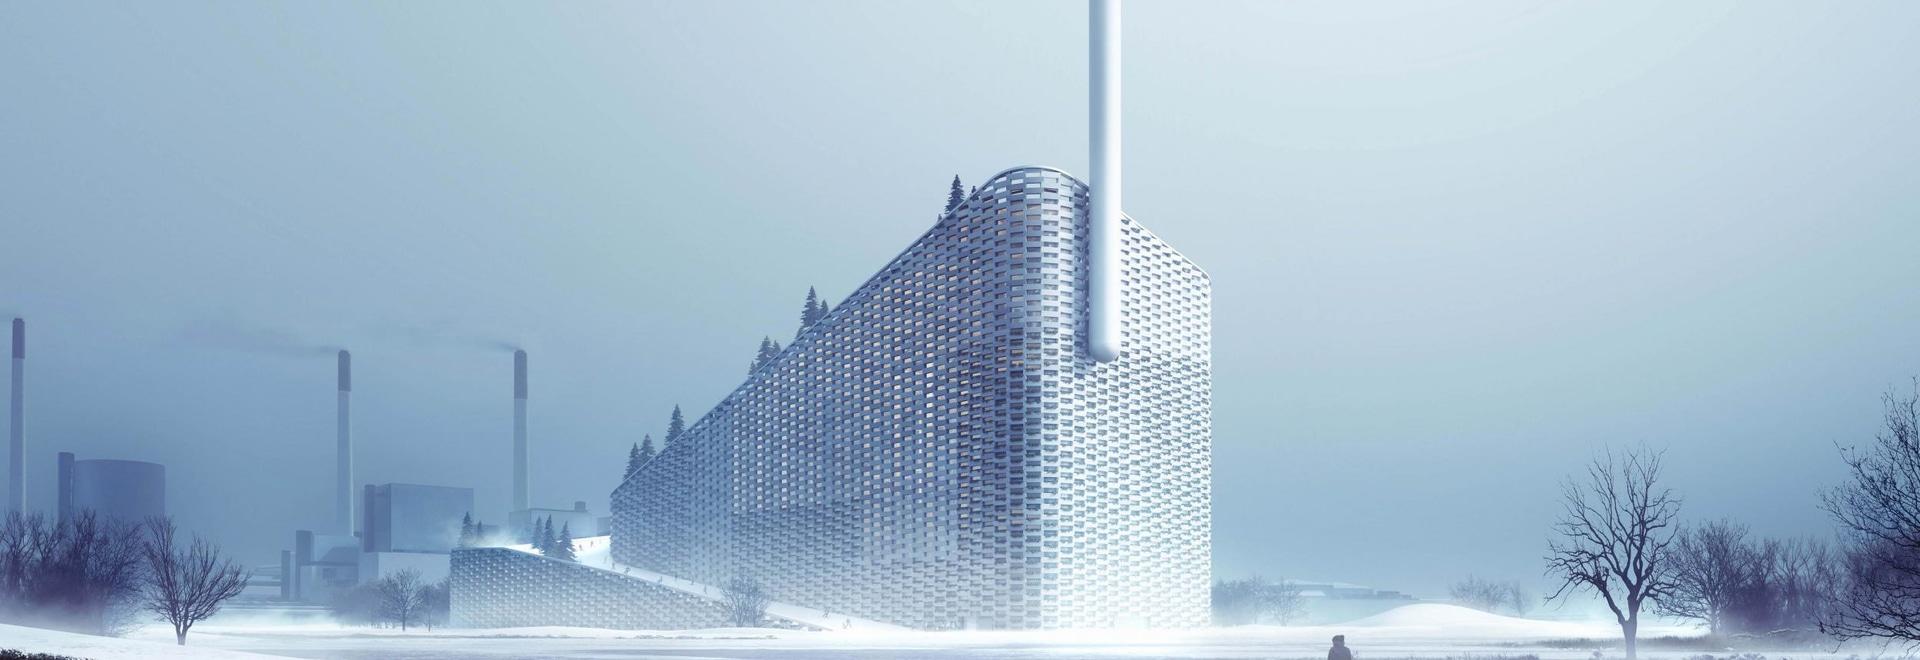 B&W entrega la basura de Copenhill a la instalación de la energía y del esquí en Copenhague